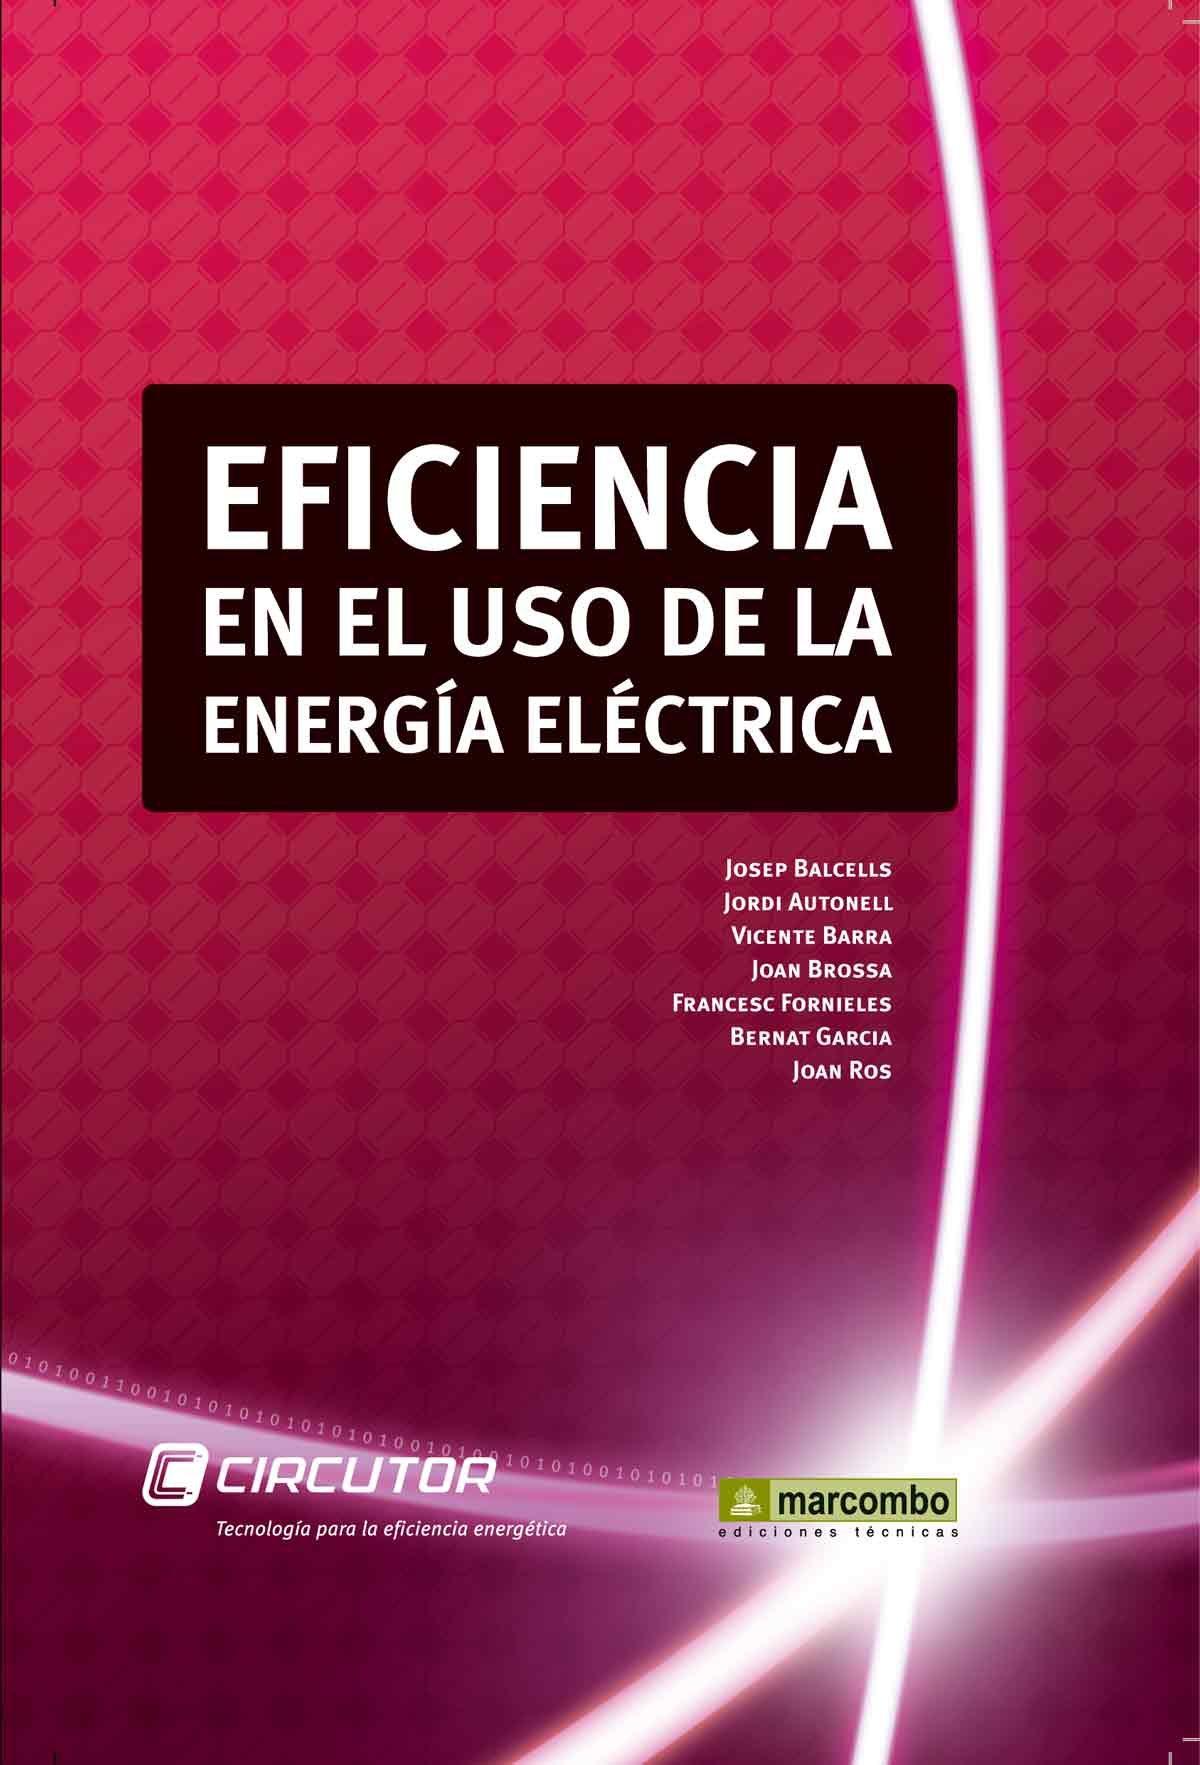 Eficiencia en el uso de la energia electrica josep balcells sendra 9788426716958